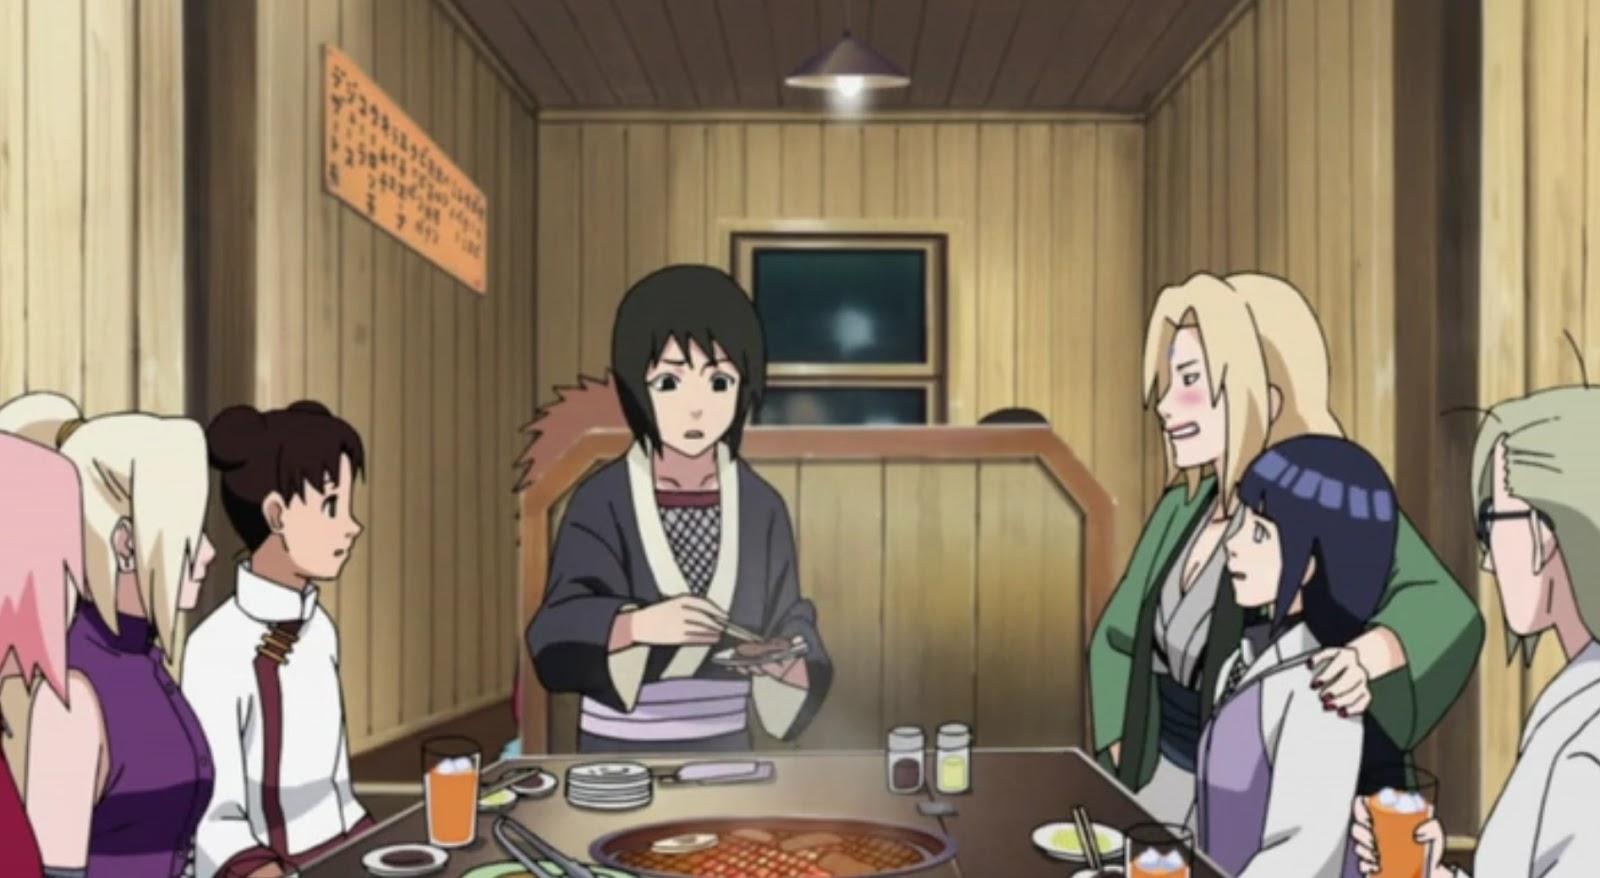 Naruto Shippuden Episódio 232, Assistir Naruto Shippuden Episódio 232, Assistir Naruto Shippuden Todos os Episódios Legendado, Naruto Shippuden episódio 232,HD